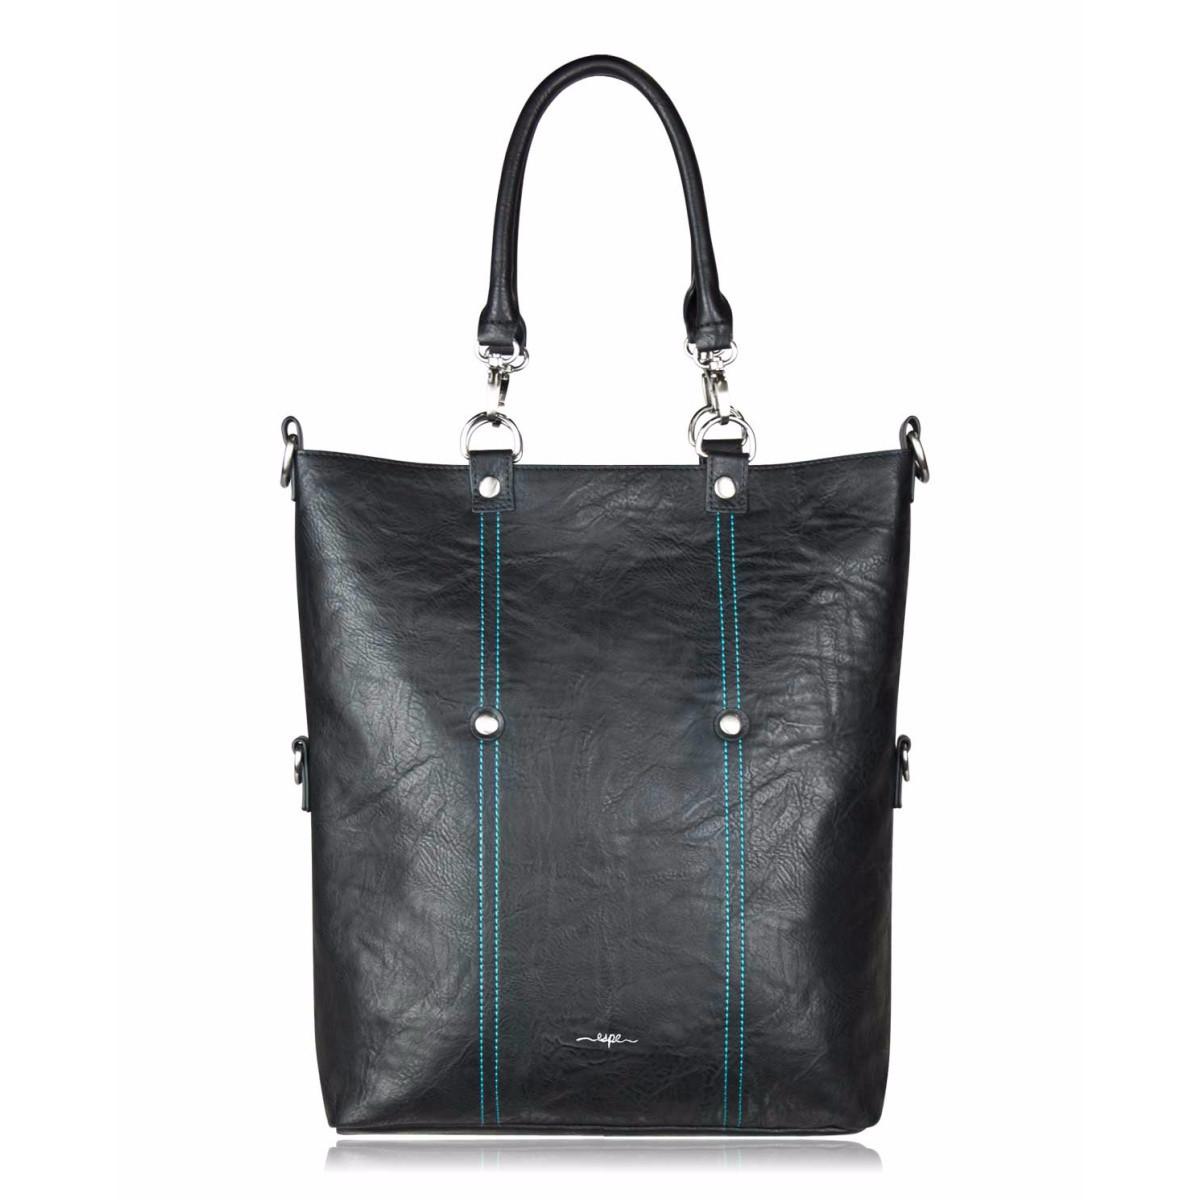 Espe Groovi Multi-Use Handbag